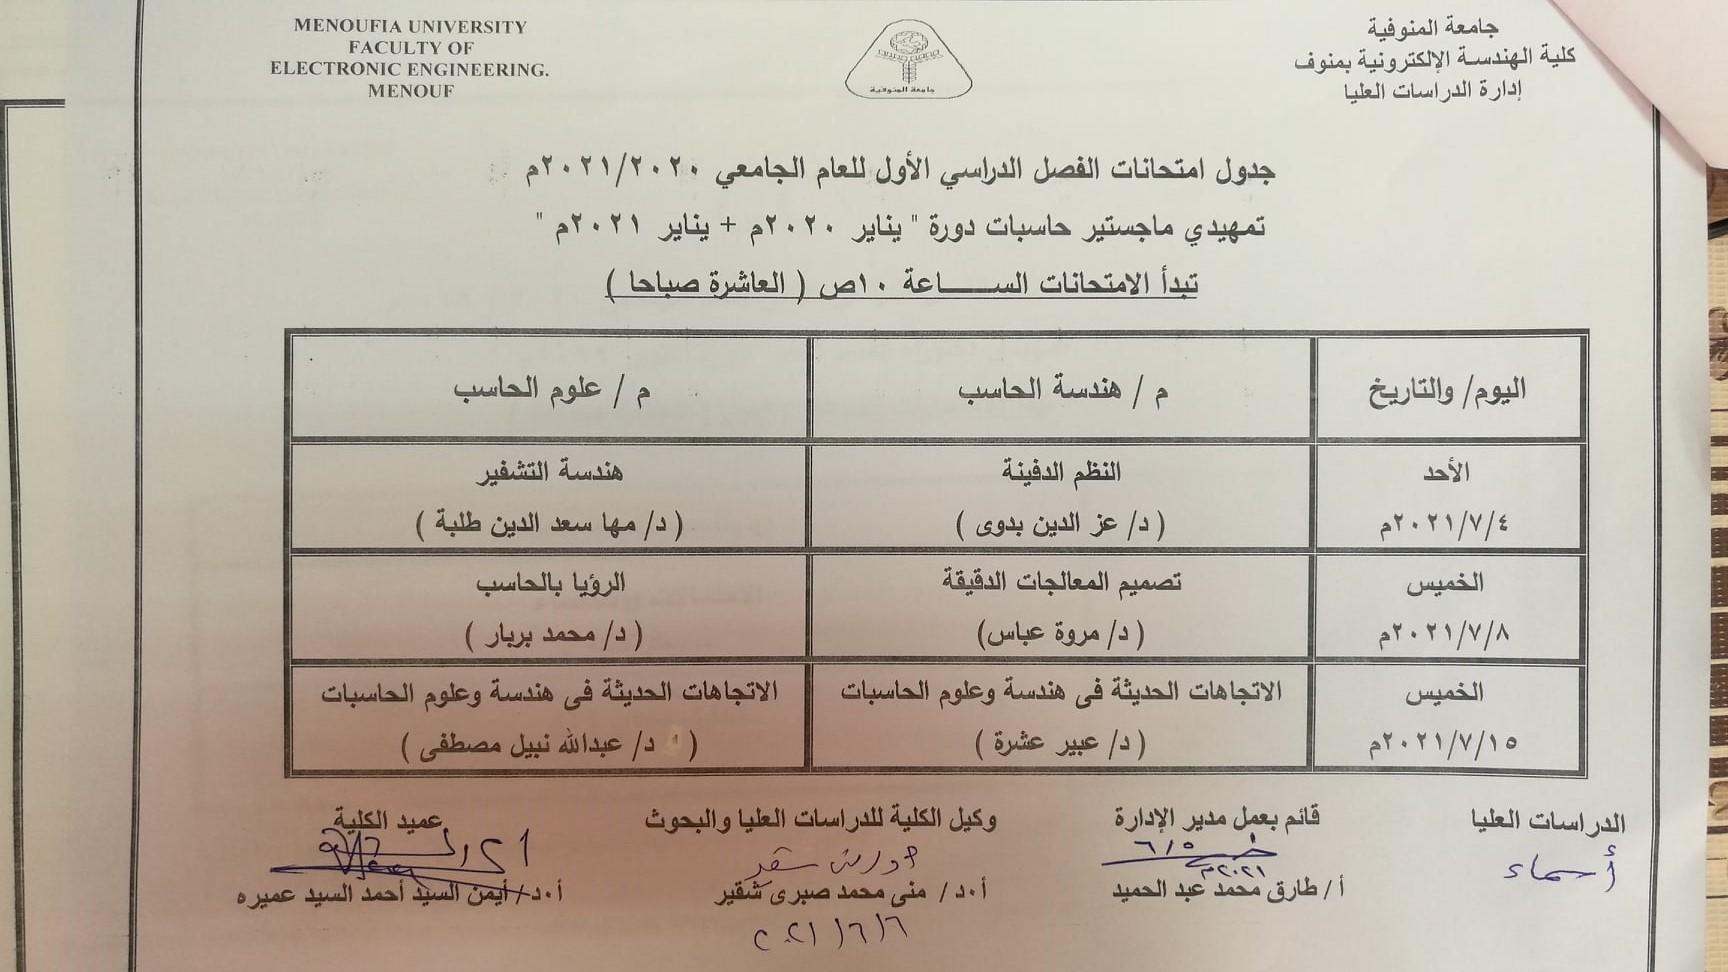 جدول امتحانات تمهيدى ماجستير حاسبات دورة يناير 2020+ يناير 2021